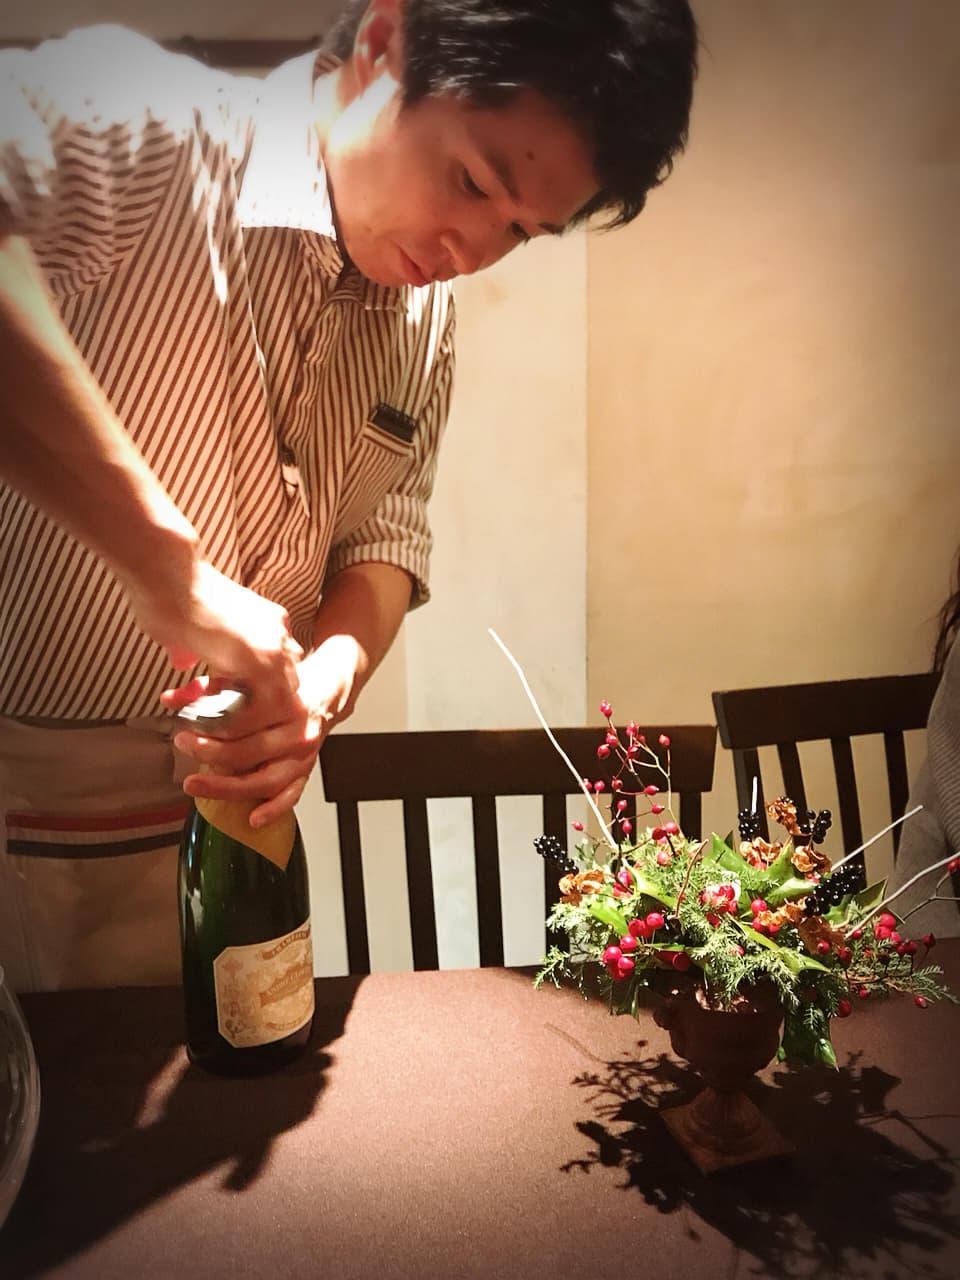 ヒロッシーニで唯一のワイン会(シャンパーニュワイン会)高島の最後の日のワイン会より お客様より門出にいただいたCHAMPAGNE Andre Clouet UN JOURS DE 1911 Nを抜栓する高島